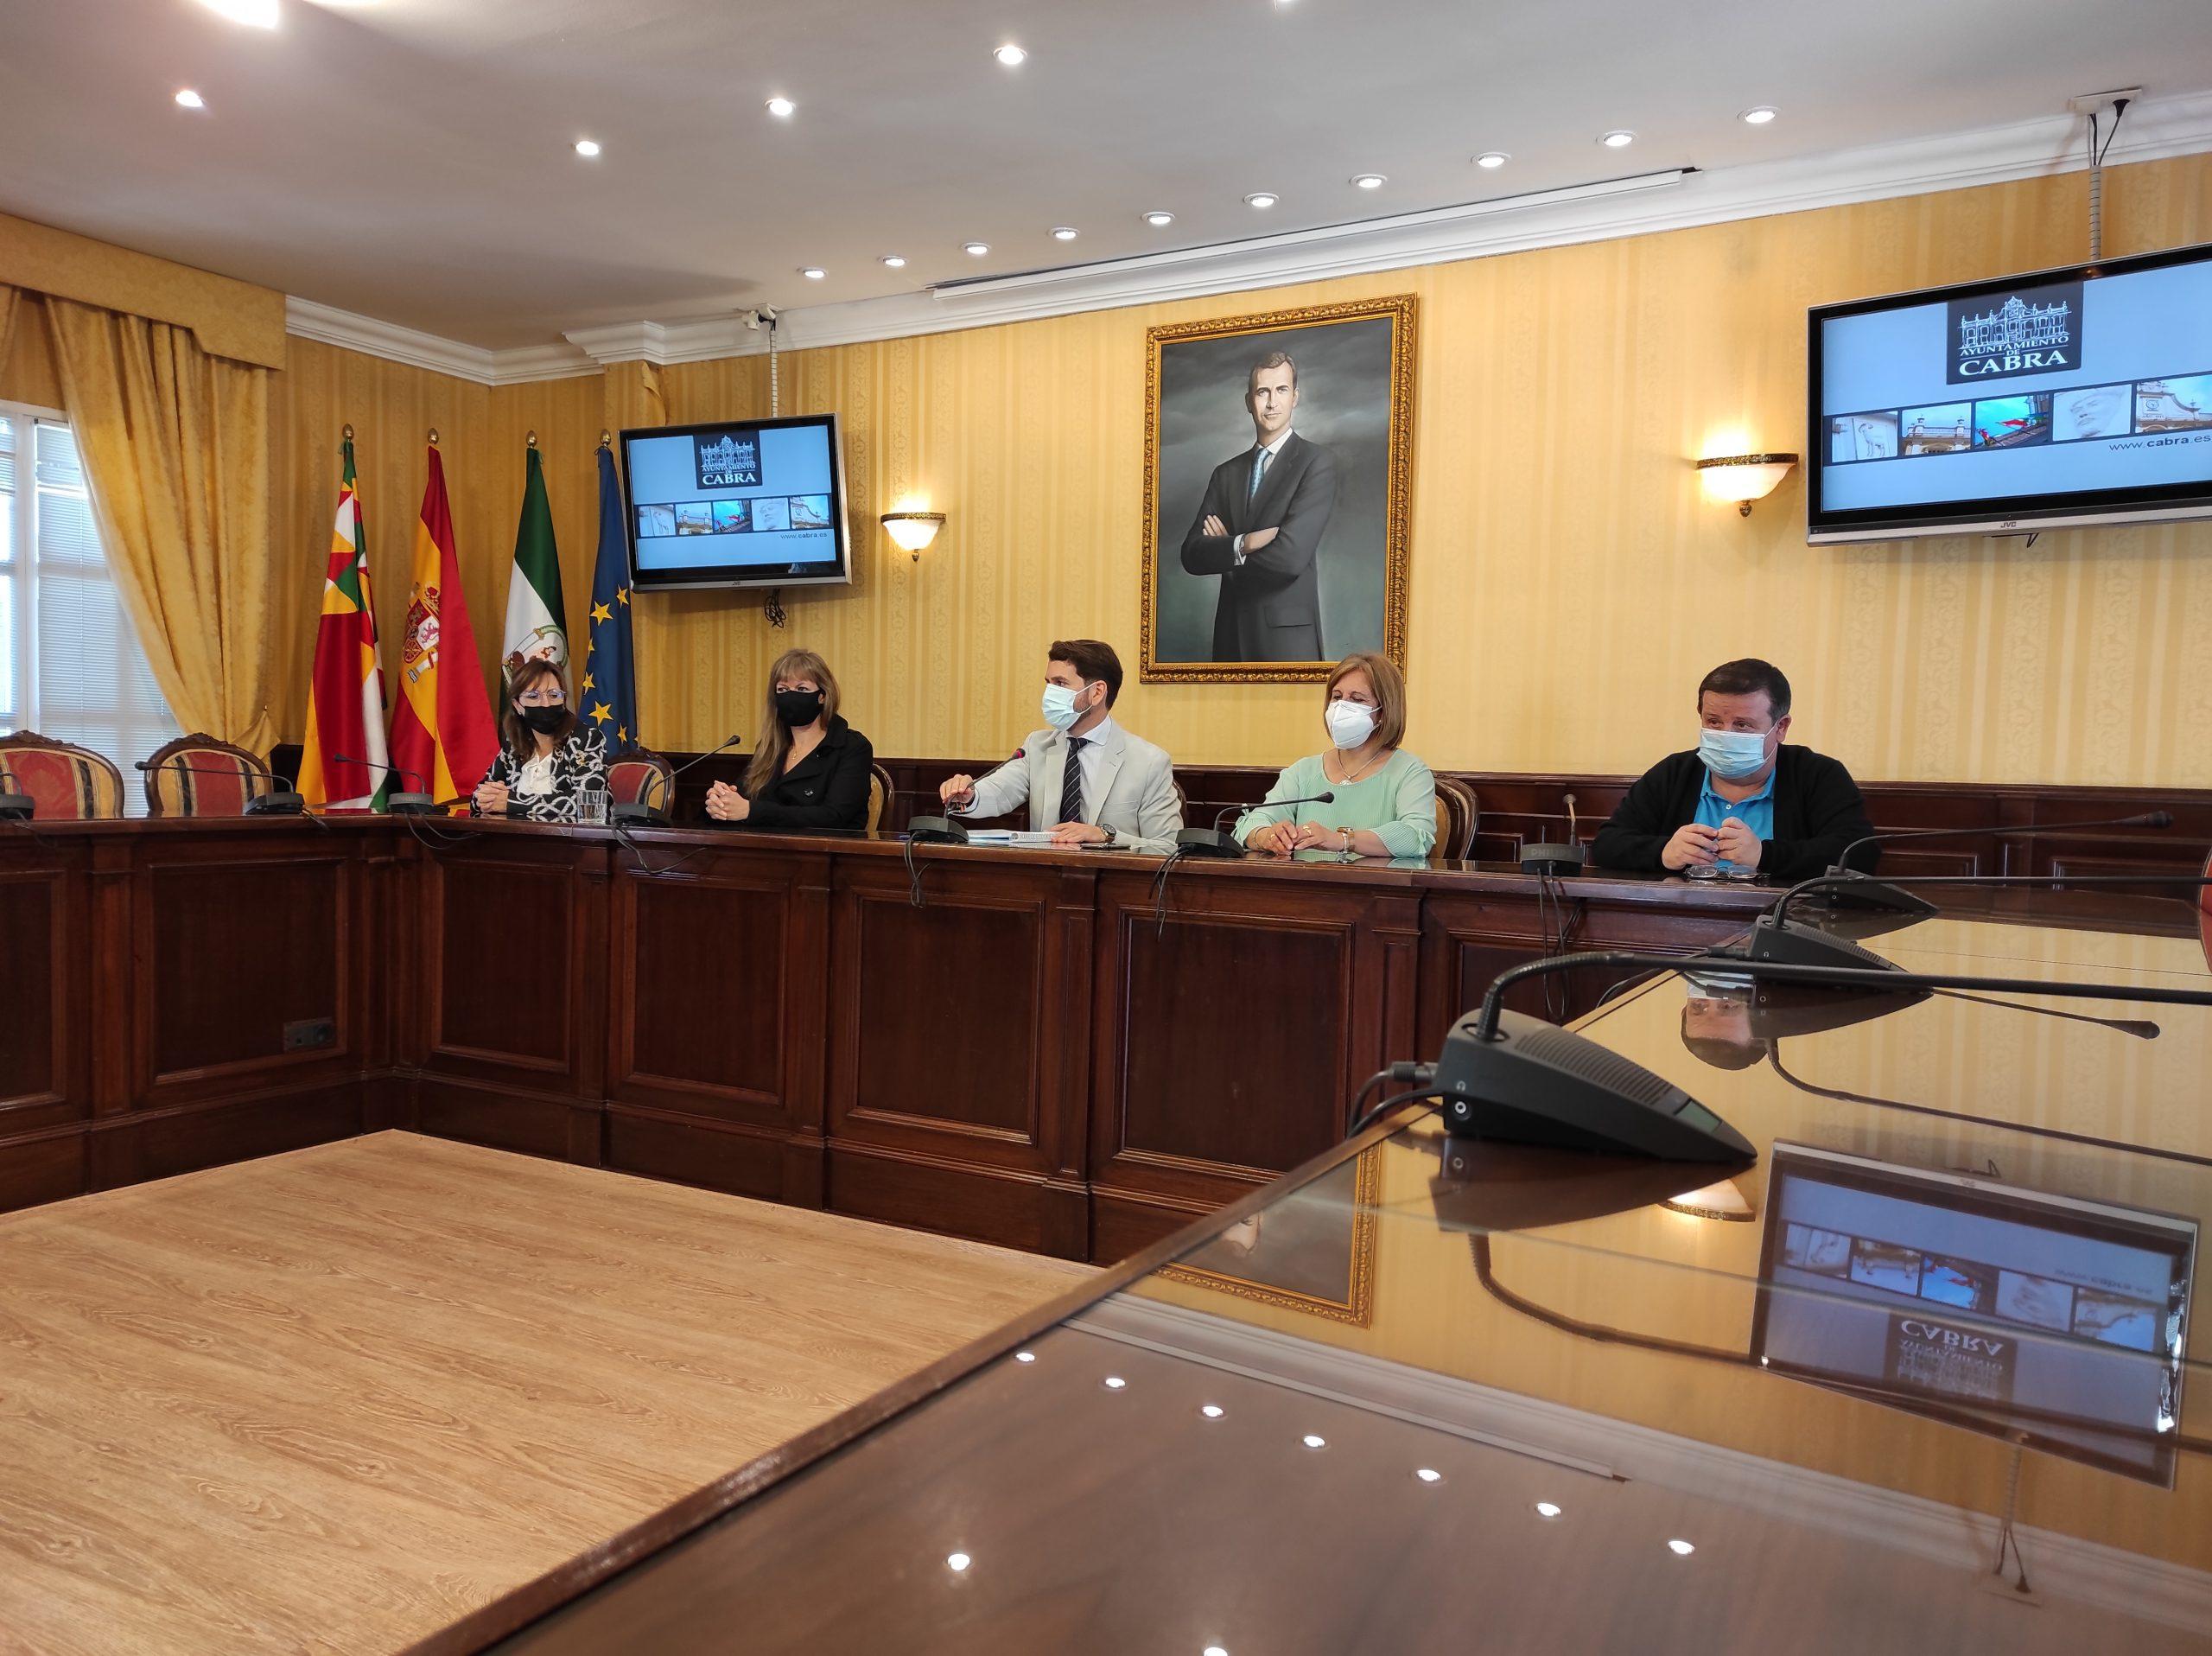 La coordinadora del Instituto Andaluz de la Mujer en Córdoba, Lourdes Arroyo, visita Cabra